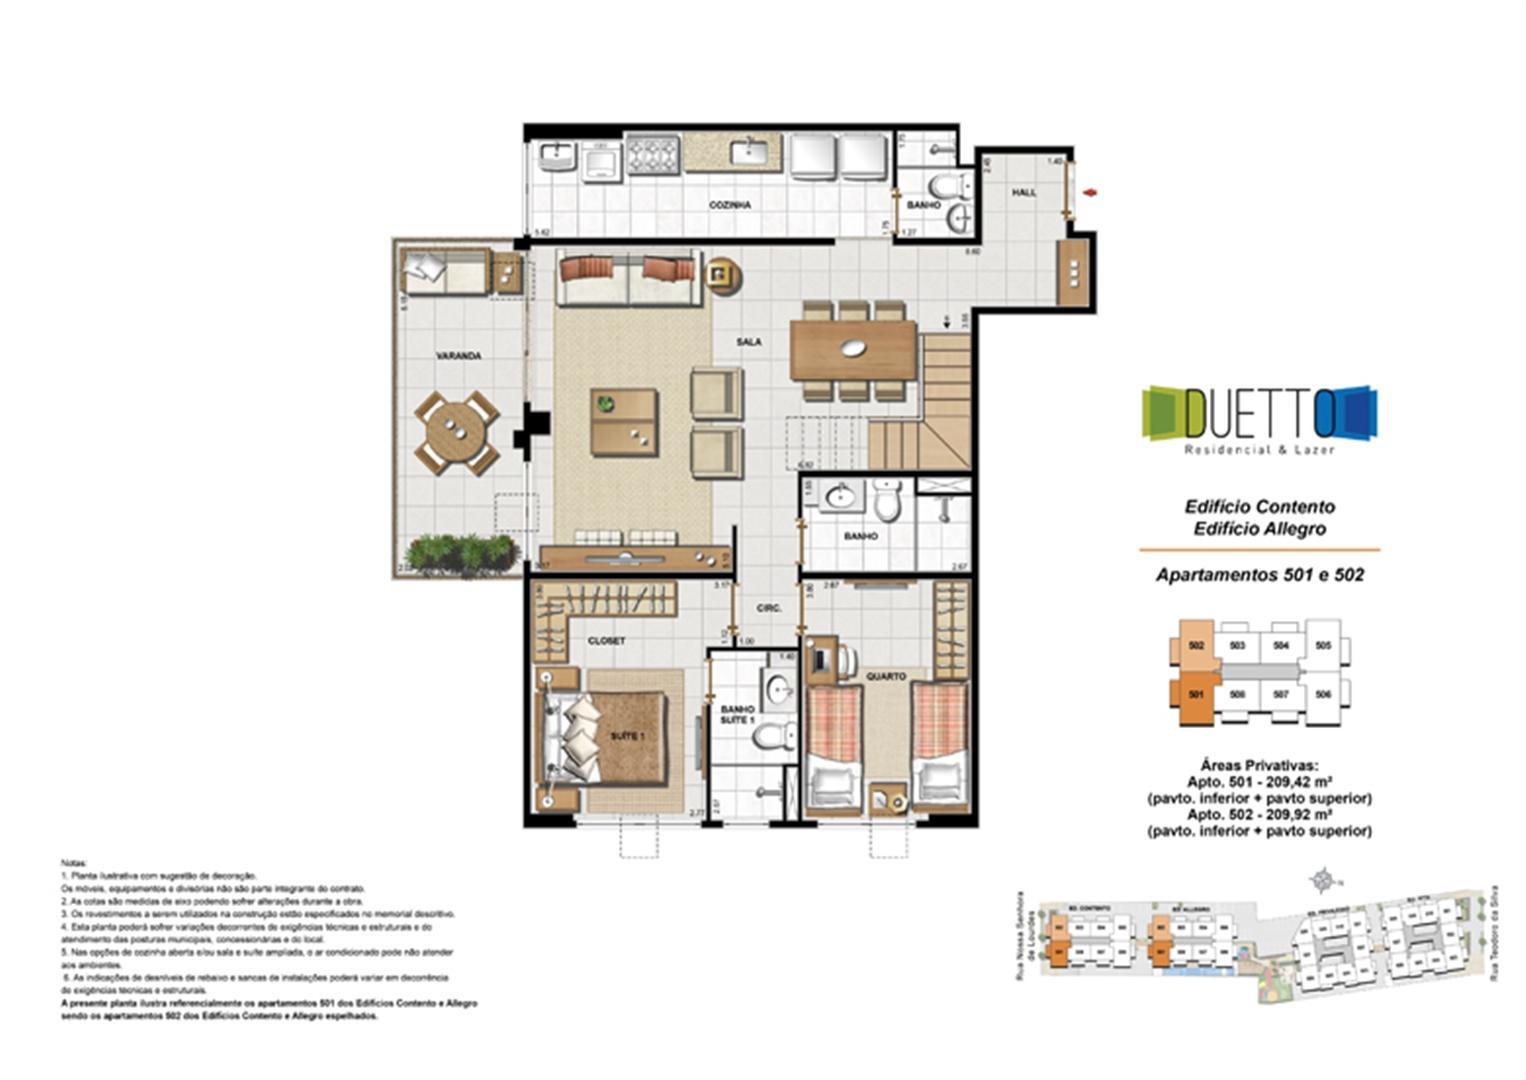 Cobertura Duplex - 3 Quartos com suíte - 209m² - pavto Inferior + pavto superior | Duetto Residencial & Lazer – Apartamento no  Grajaú - Rio de Janeiro - Rio de Janeiro